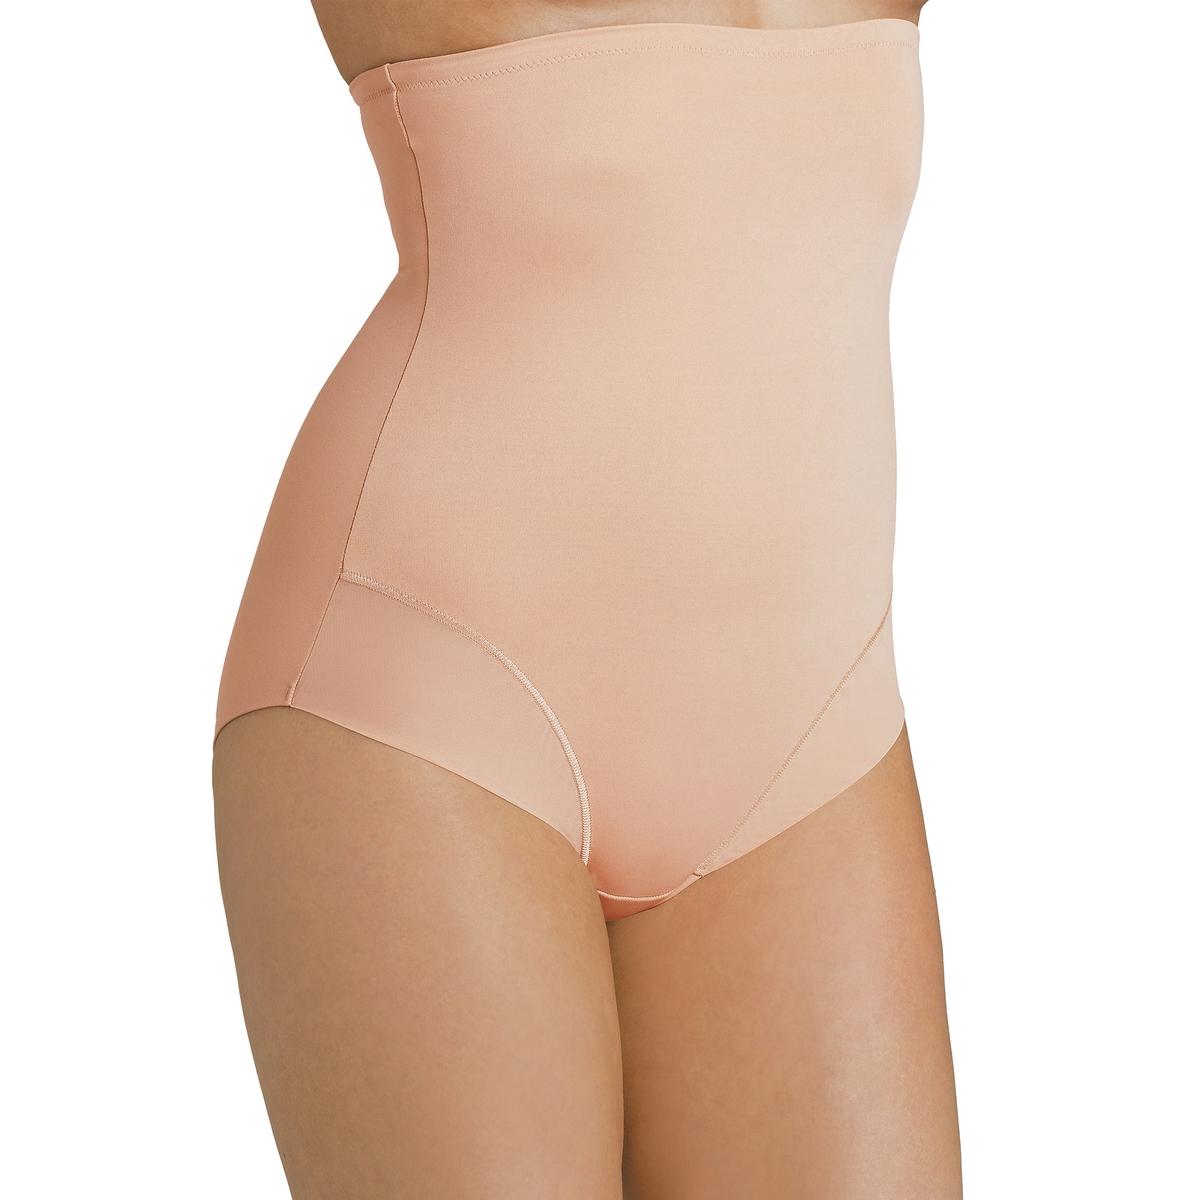 Трусы корсетные, моделирующие TRUE SHAPE SENSATIONИдеально подойдут под облегающее платье или брюки. Широкий пояс из эластичного тюля с прозрачным эффектом. Бесшовная отделка. Присборенный шов сзади. Ластовица на подкладке из хлопка.Состав и описаниеМатериал : 51% полиамида, 45% эластана, 4% полиэстераМарка :  TRIUMPHУходСтирка при 30° предпочтительно в мешке-сеткеСтирать с одеждой подобных цветовСтирка, сушка и глажка с изнаночной стороны.<br><br>Цвет: песочный,черный<br>Размер: 46 (FR) - 52 (RUS).44 (FR) - 50 (RUS).44 (FR) - 50 (RUS)